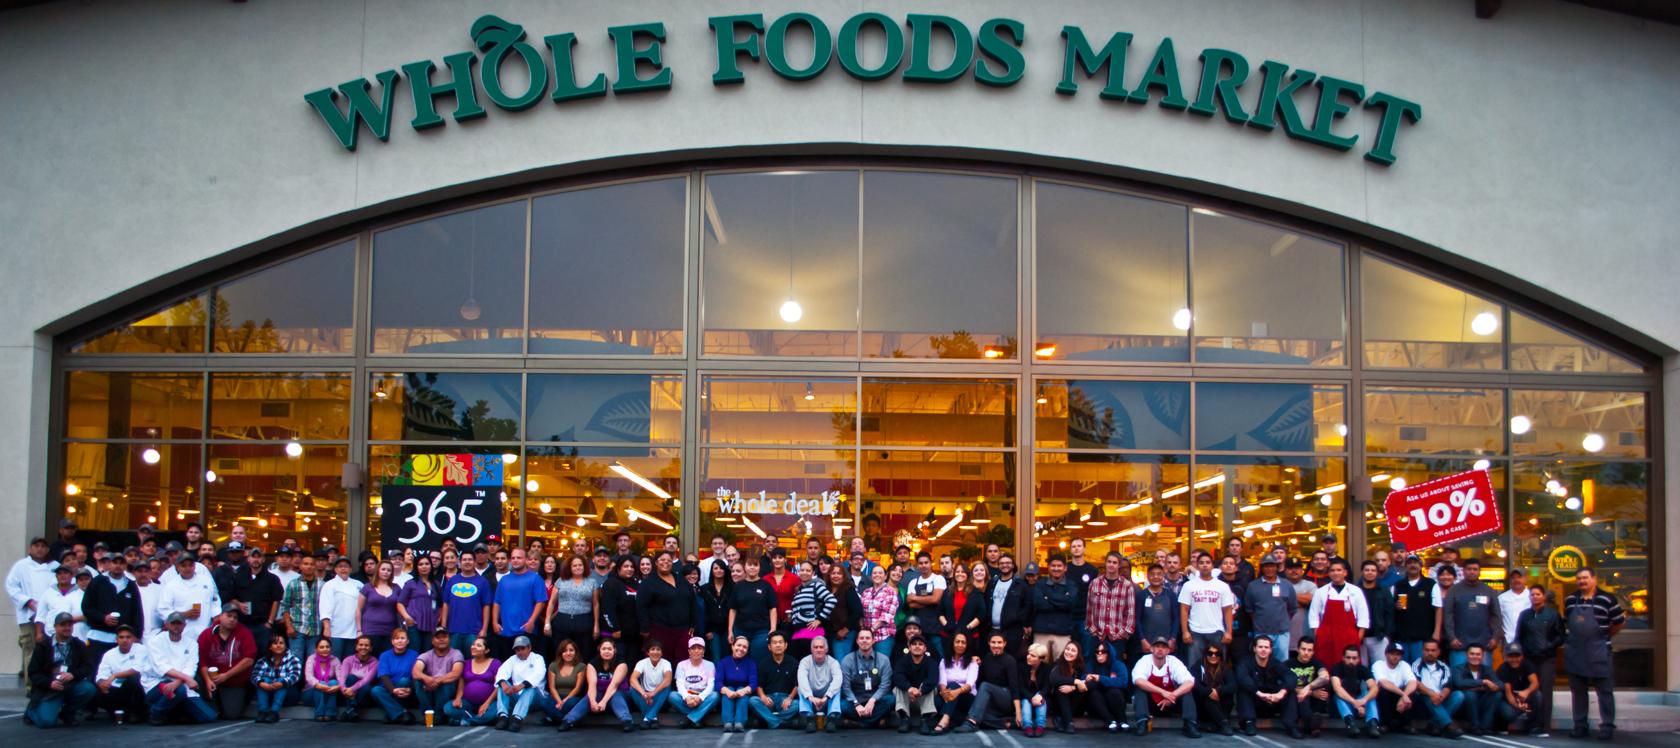 Whole Foods Market Nyse